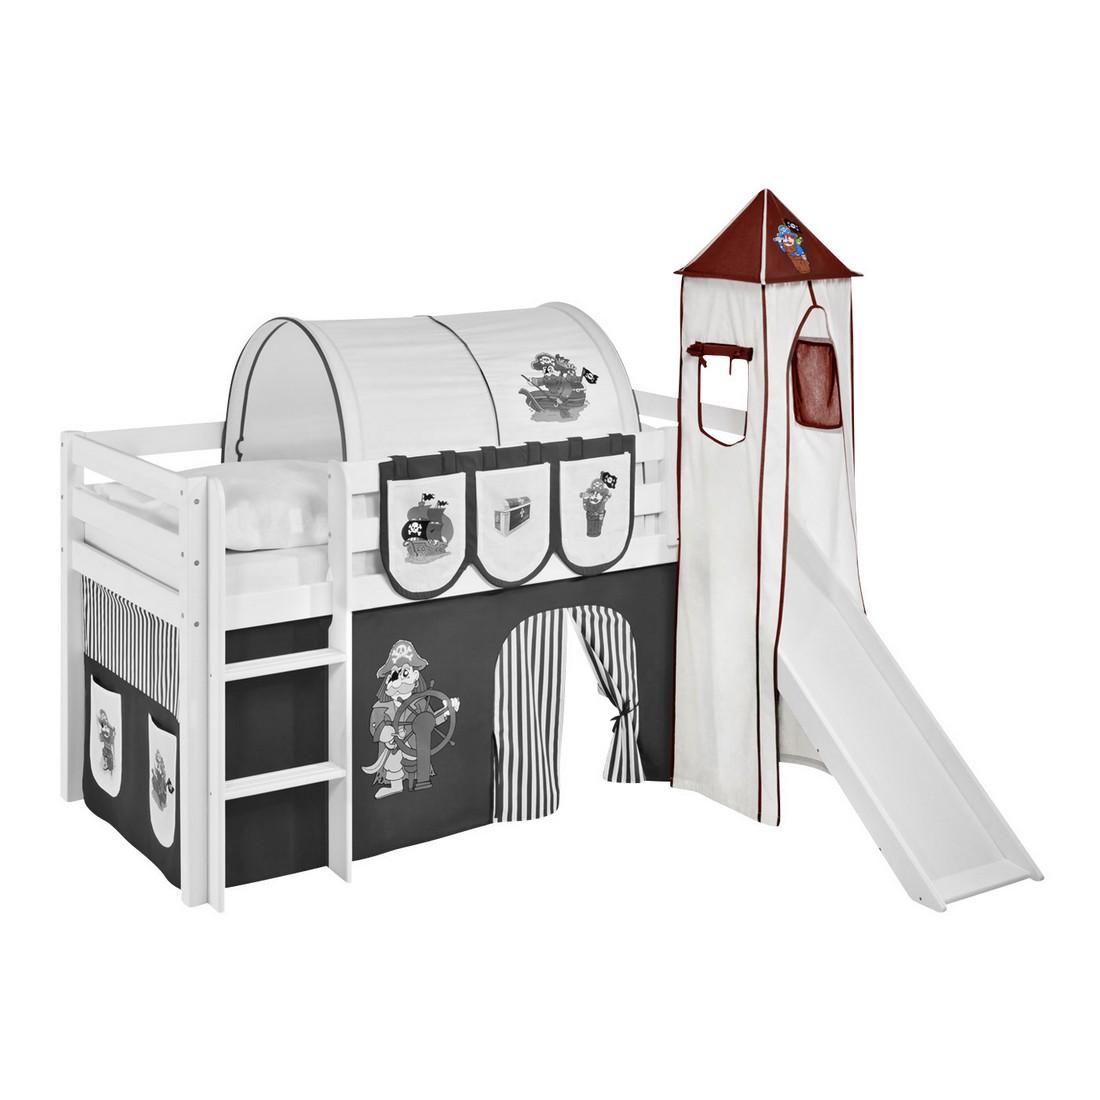 Turm für Hochbett Spielbett – Pirat-Braun, Lilokids günstig bestellen